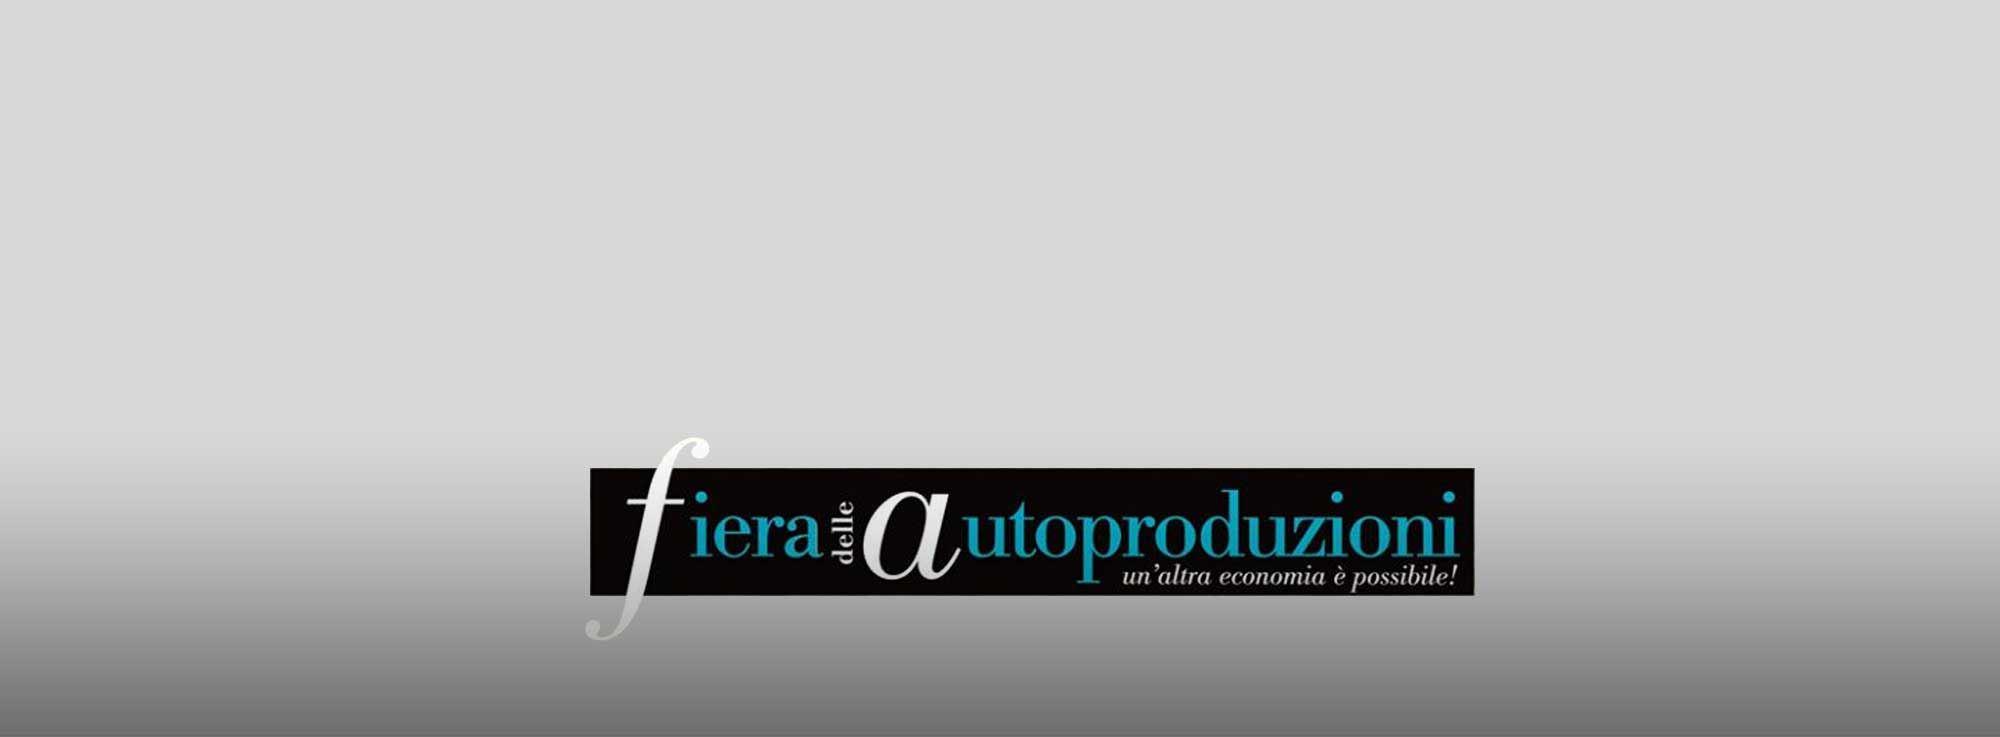 Barletta: FA', Fiera delle Autoproduzioni